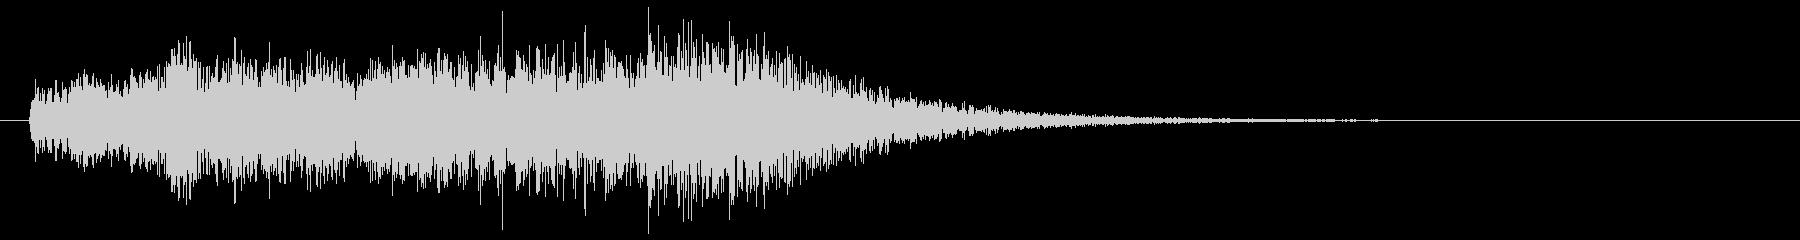 ピアノによる奇妙な場面転換音の未再生の波形